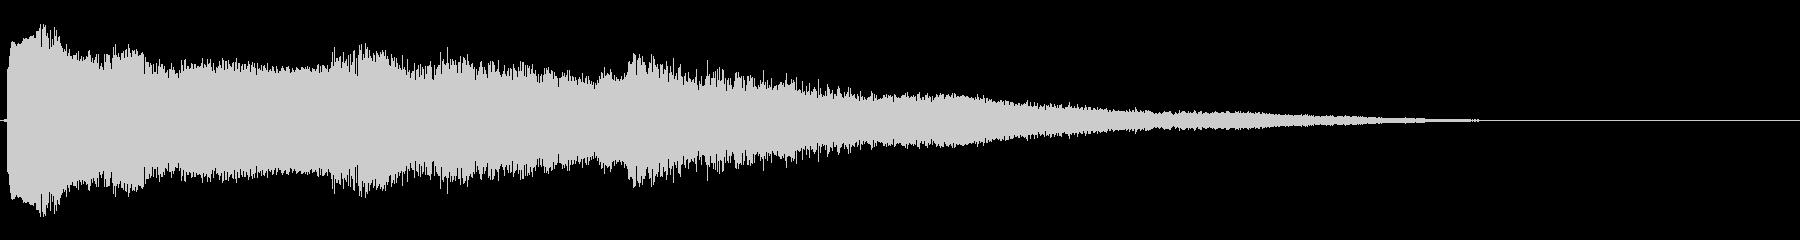 ビープスクランブル、高の未再生の波形